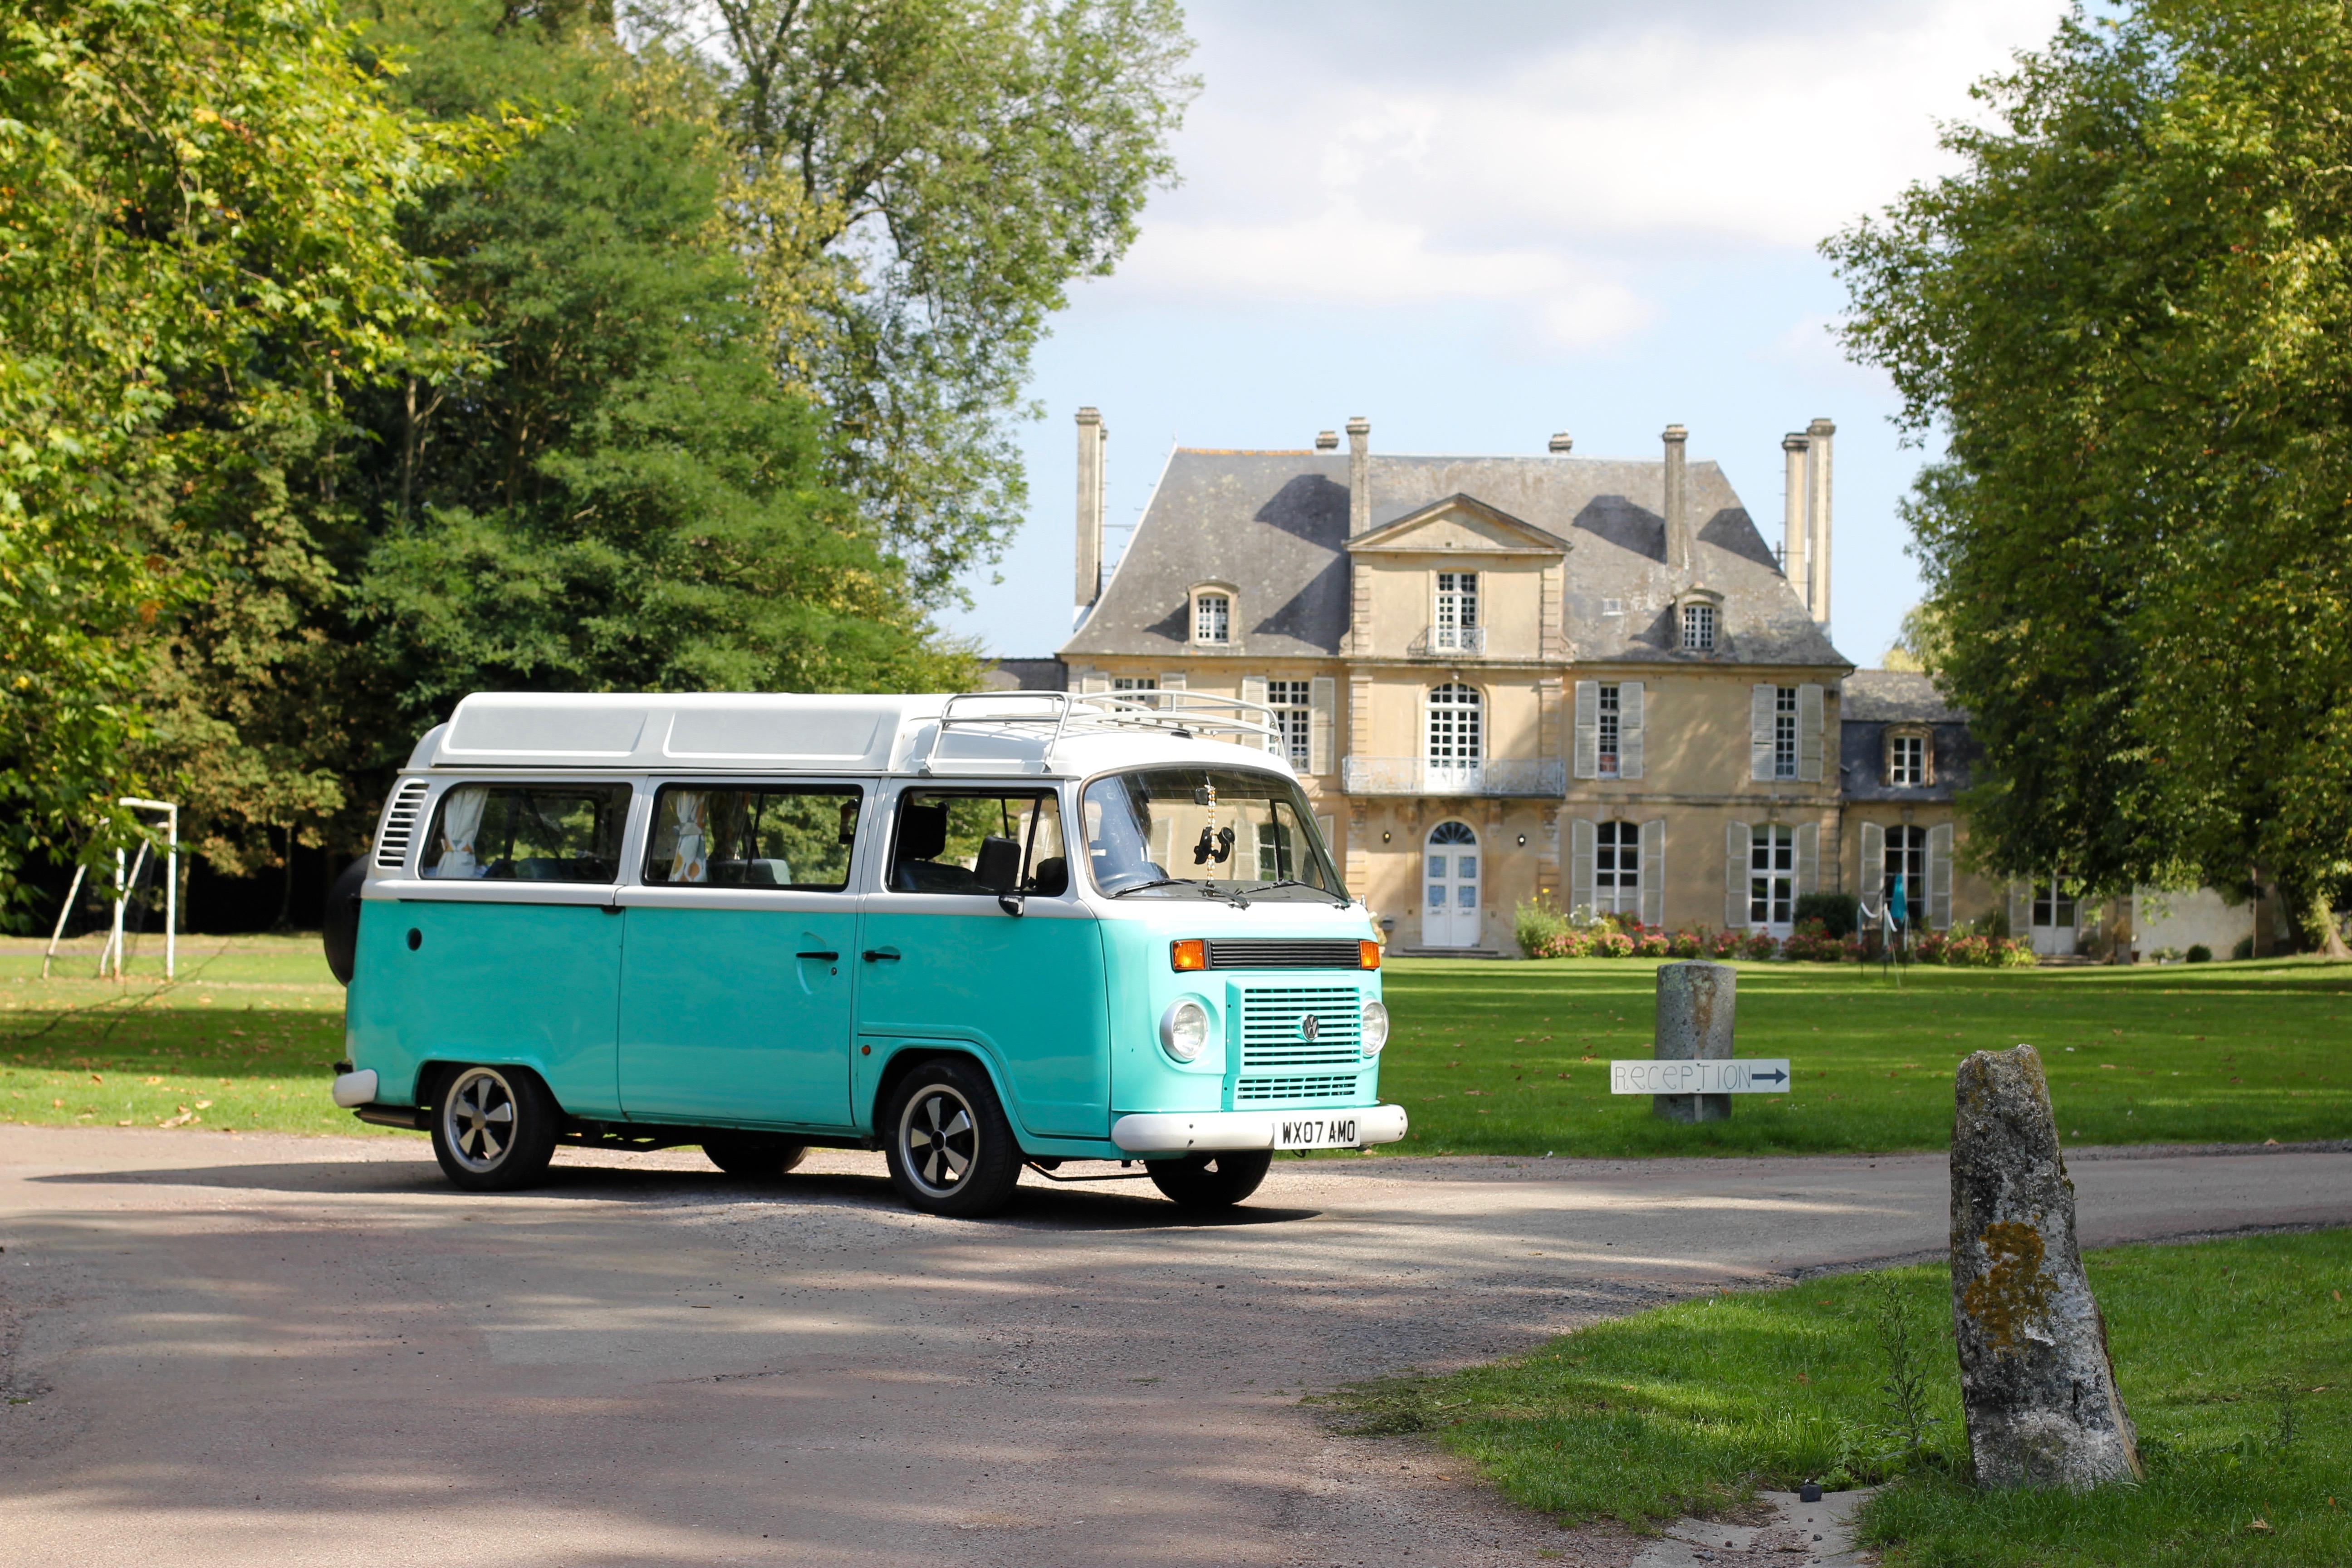 Classic Vw Campervan Campervans Motorhomes For Rent In Oxfordshire England United Kingdom